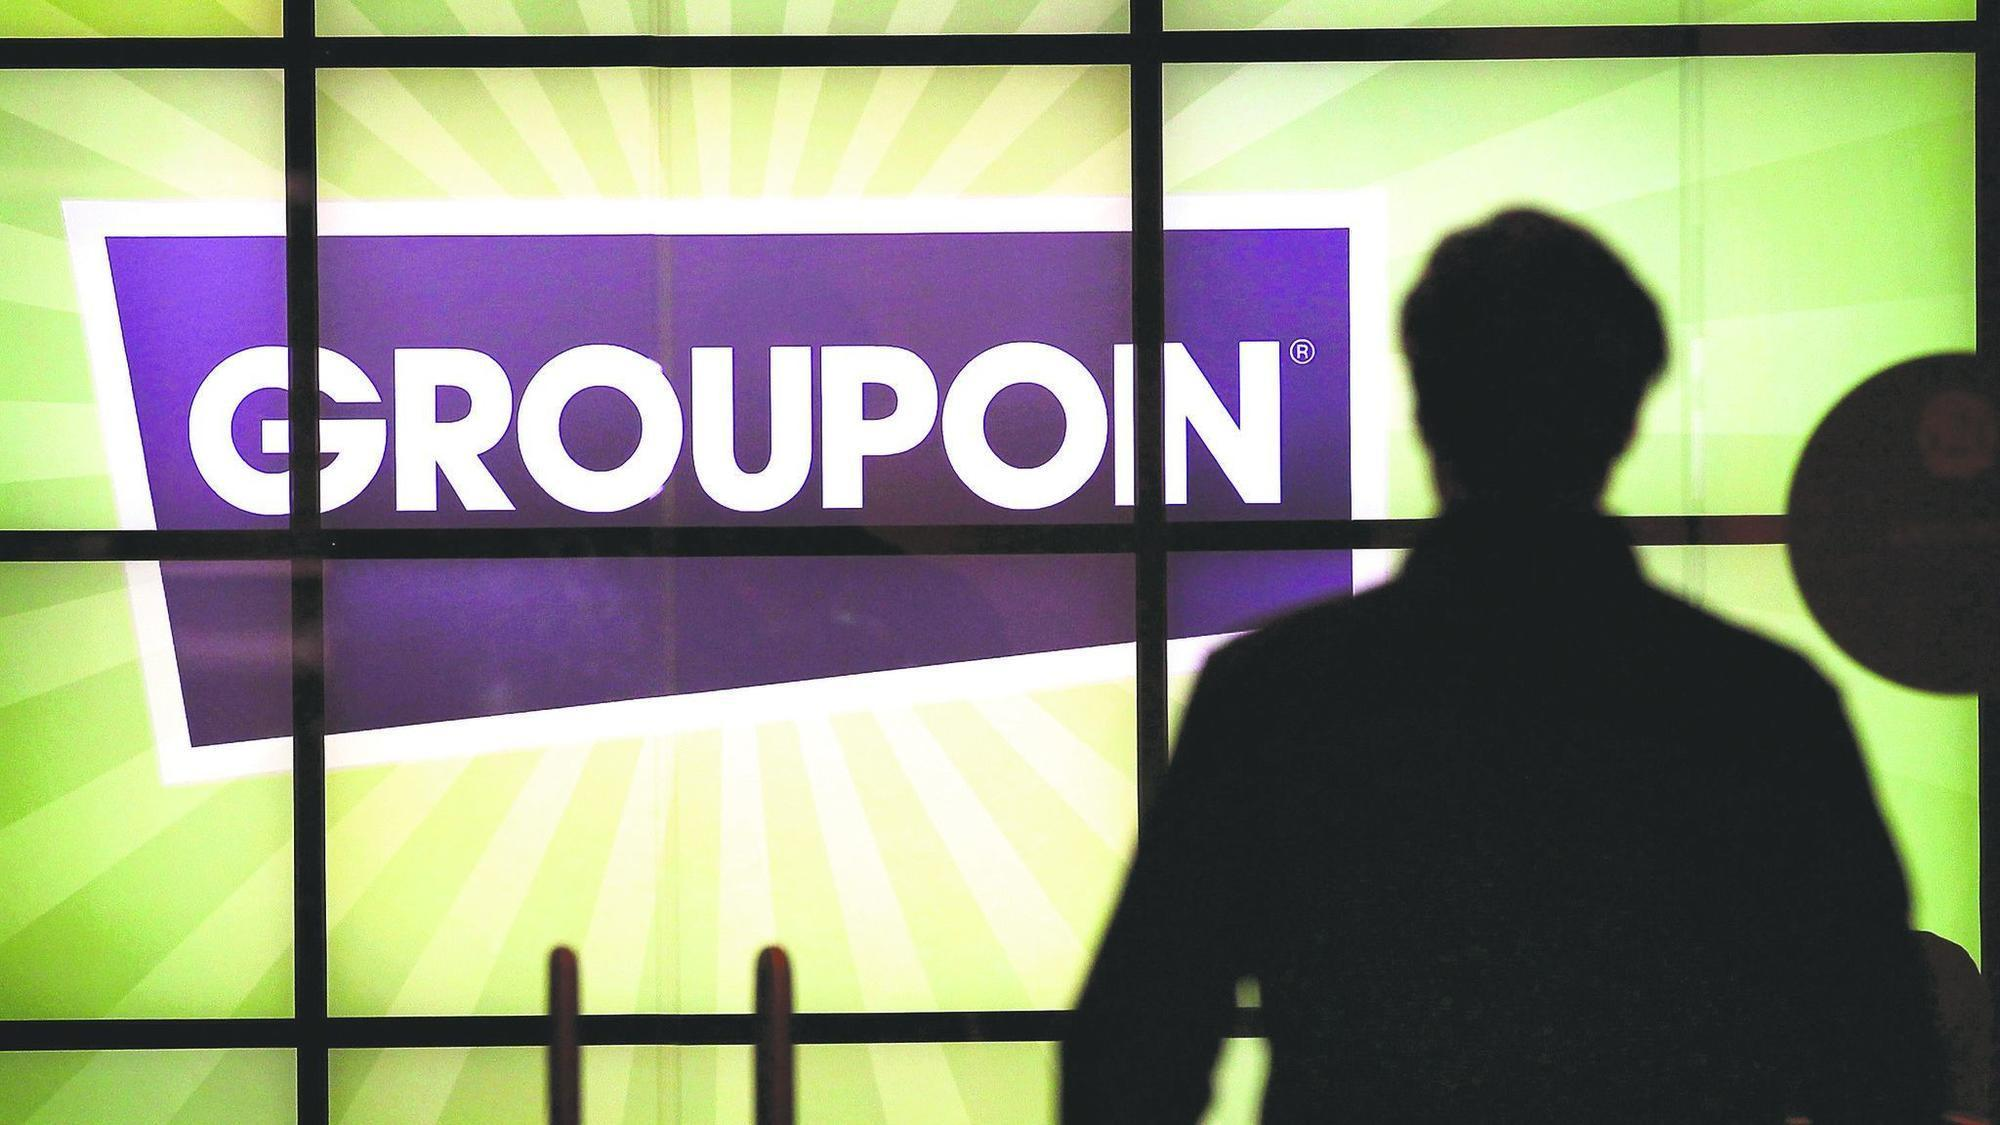 Chicago Boat Rentals sues Groupon, alleging fraudulent refund scheme